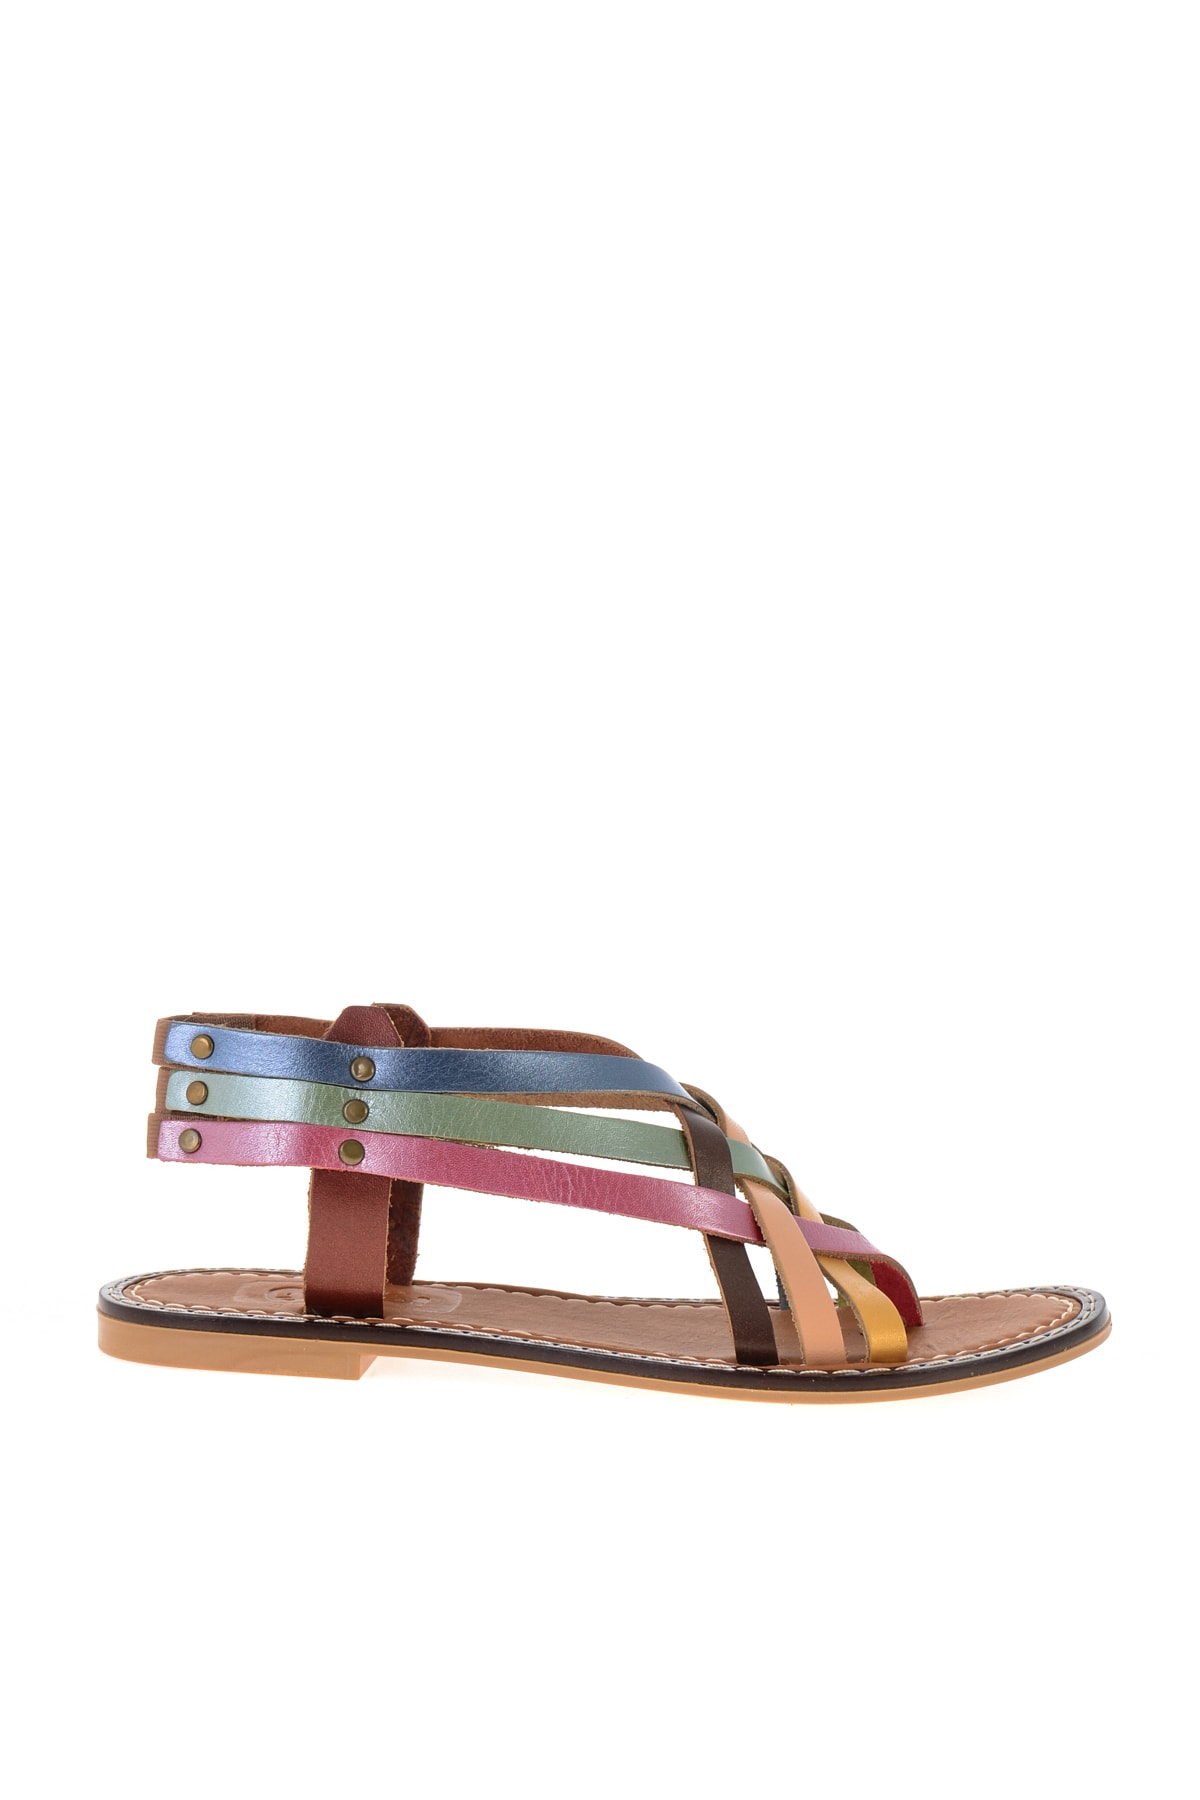 Bambi Hakiki Deri Multi Renkli Kadın Sandalet L0602808003 2